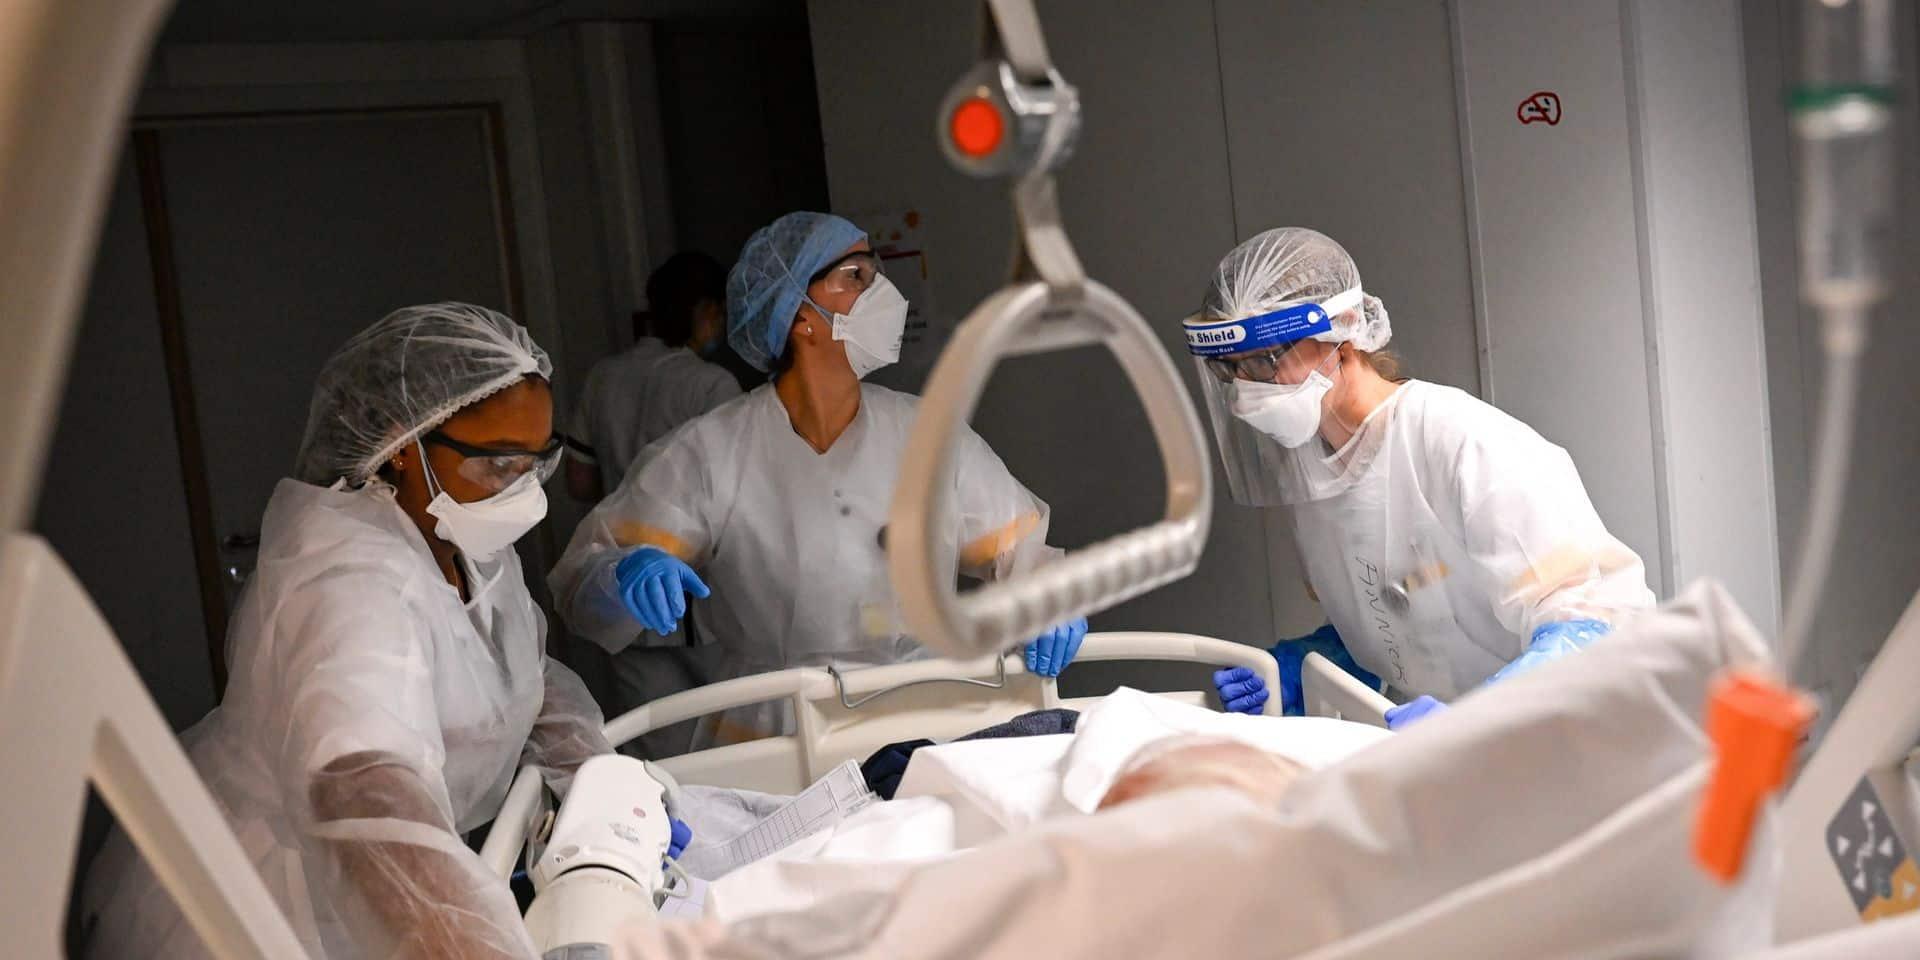 Coronavirus : le nombre d'admissions à l'hôpital en baisse, le taux de reproduction également